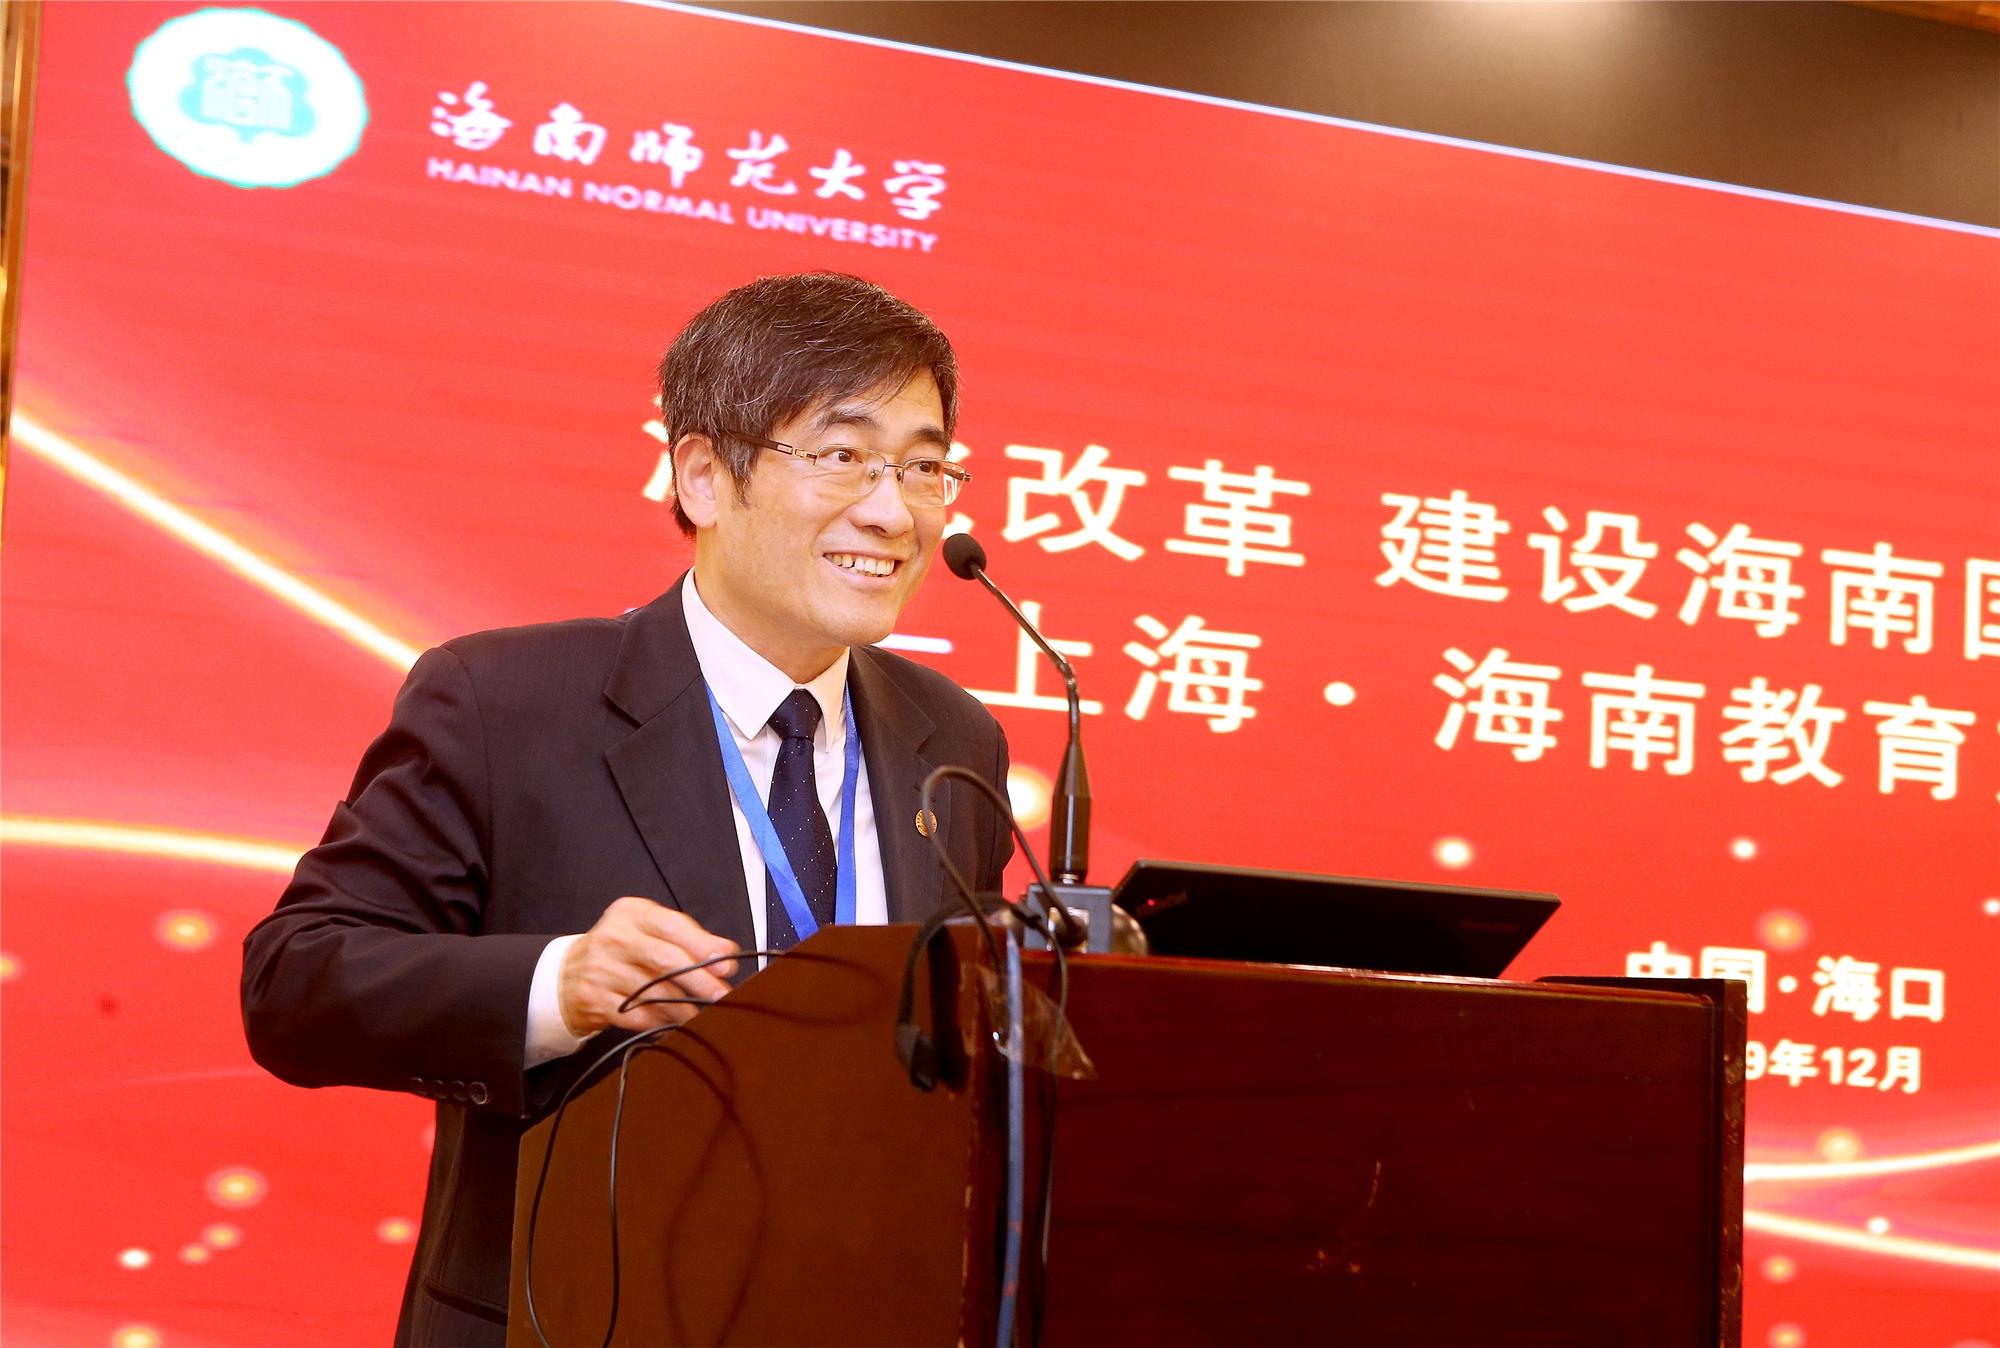 我校举办上海·海南教育交流合作研讨会